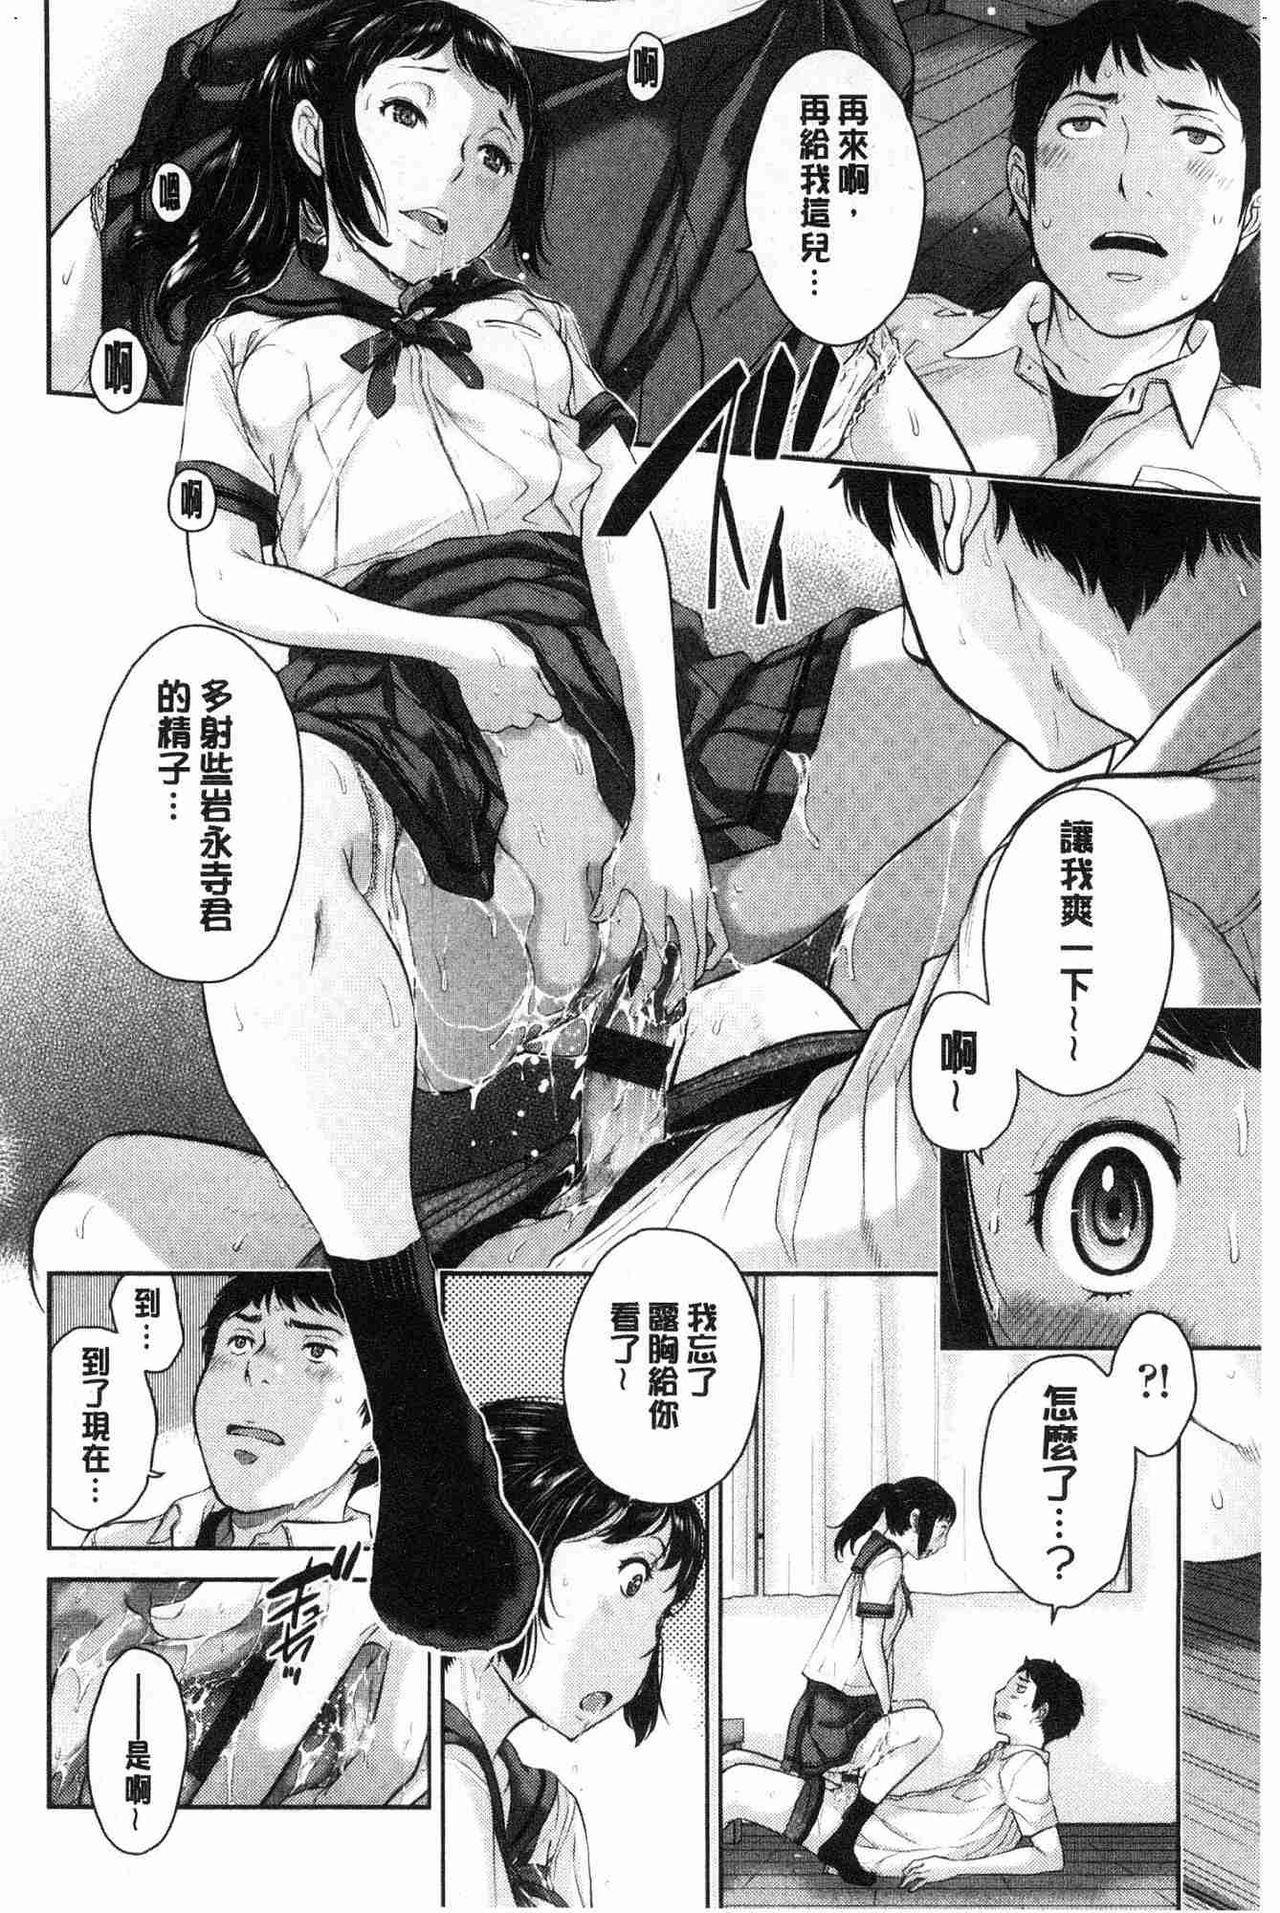 [Harazaki Takuma] Seifuku Shijou Shugi -Natsu- - Uniforms supremacy [Chinese] 74